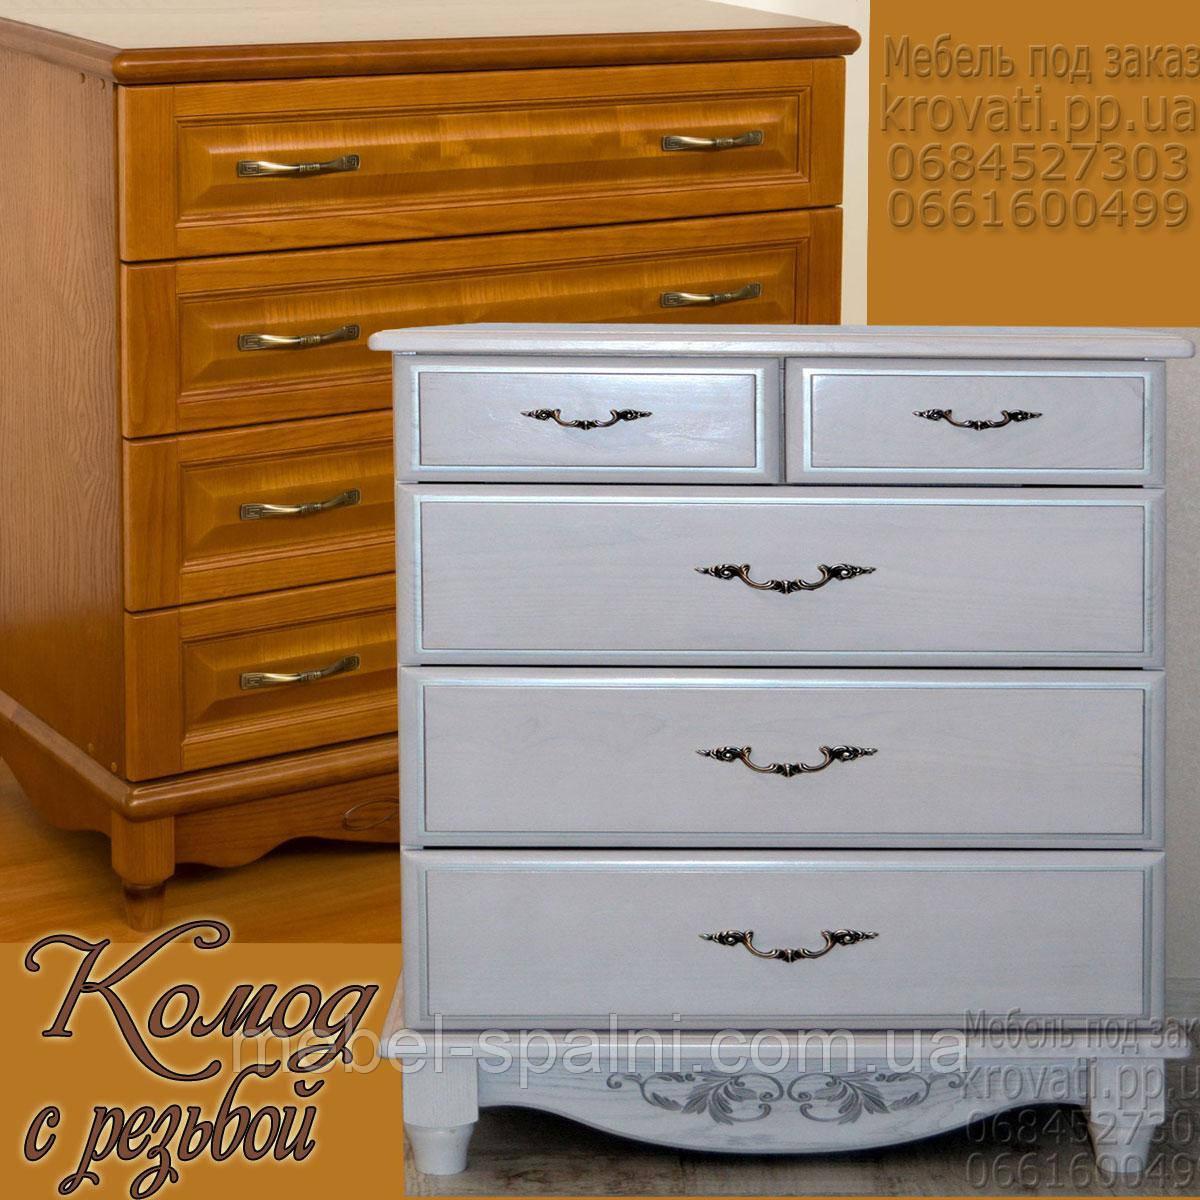 Комод дерев'яний з різьбою з ящиками в спальню білий від виробника